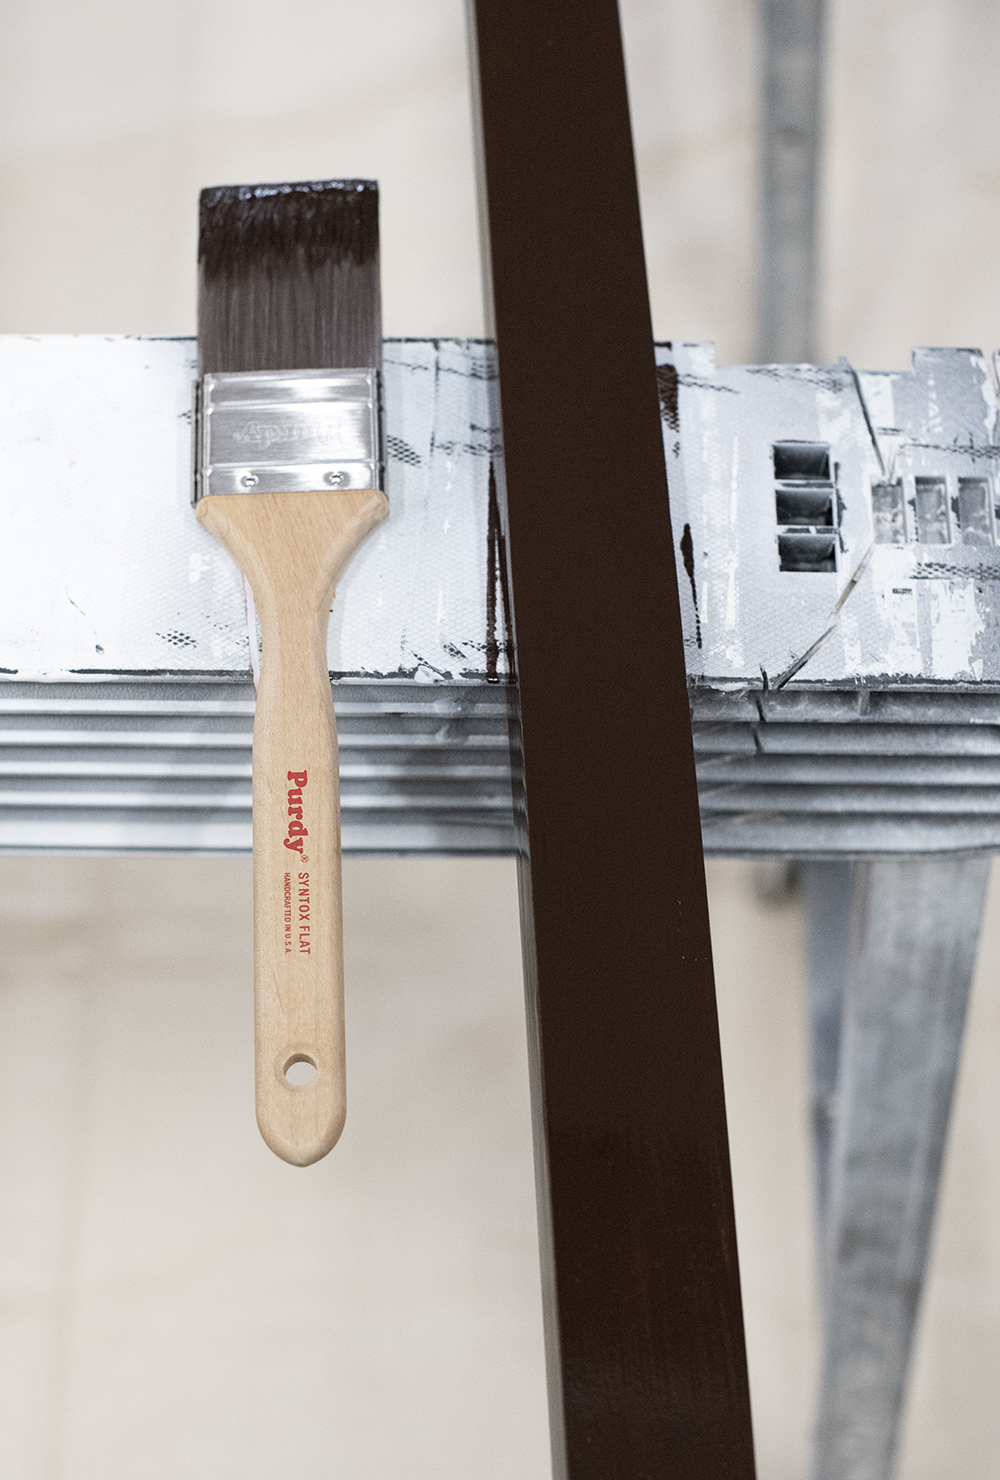 Kako koristiti gel mrlju (Vodič za okvire) - roomfortuesday.com